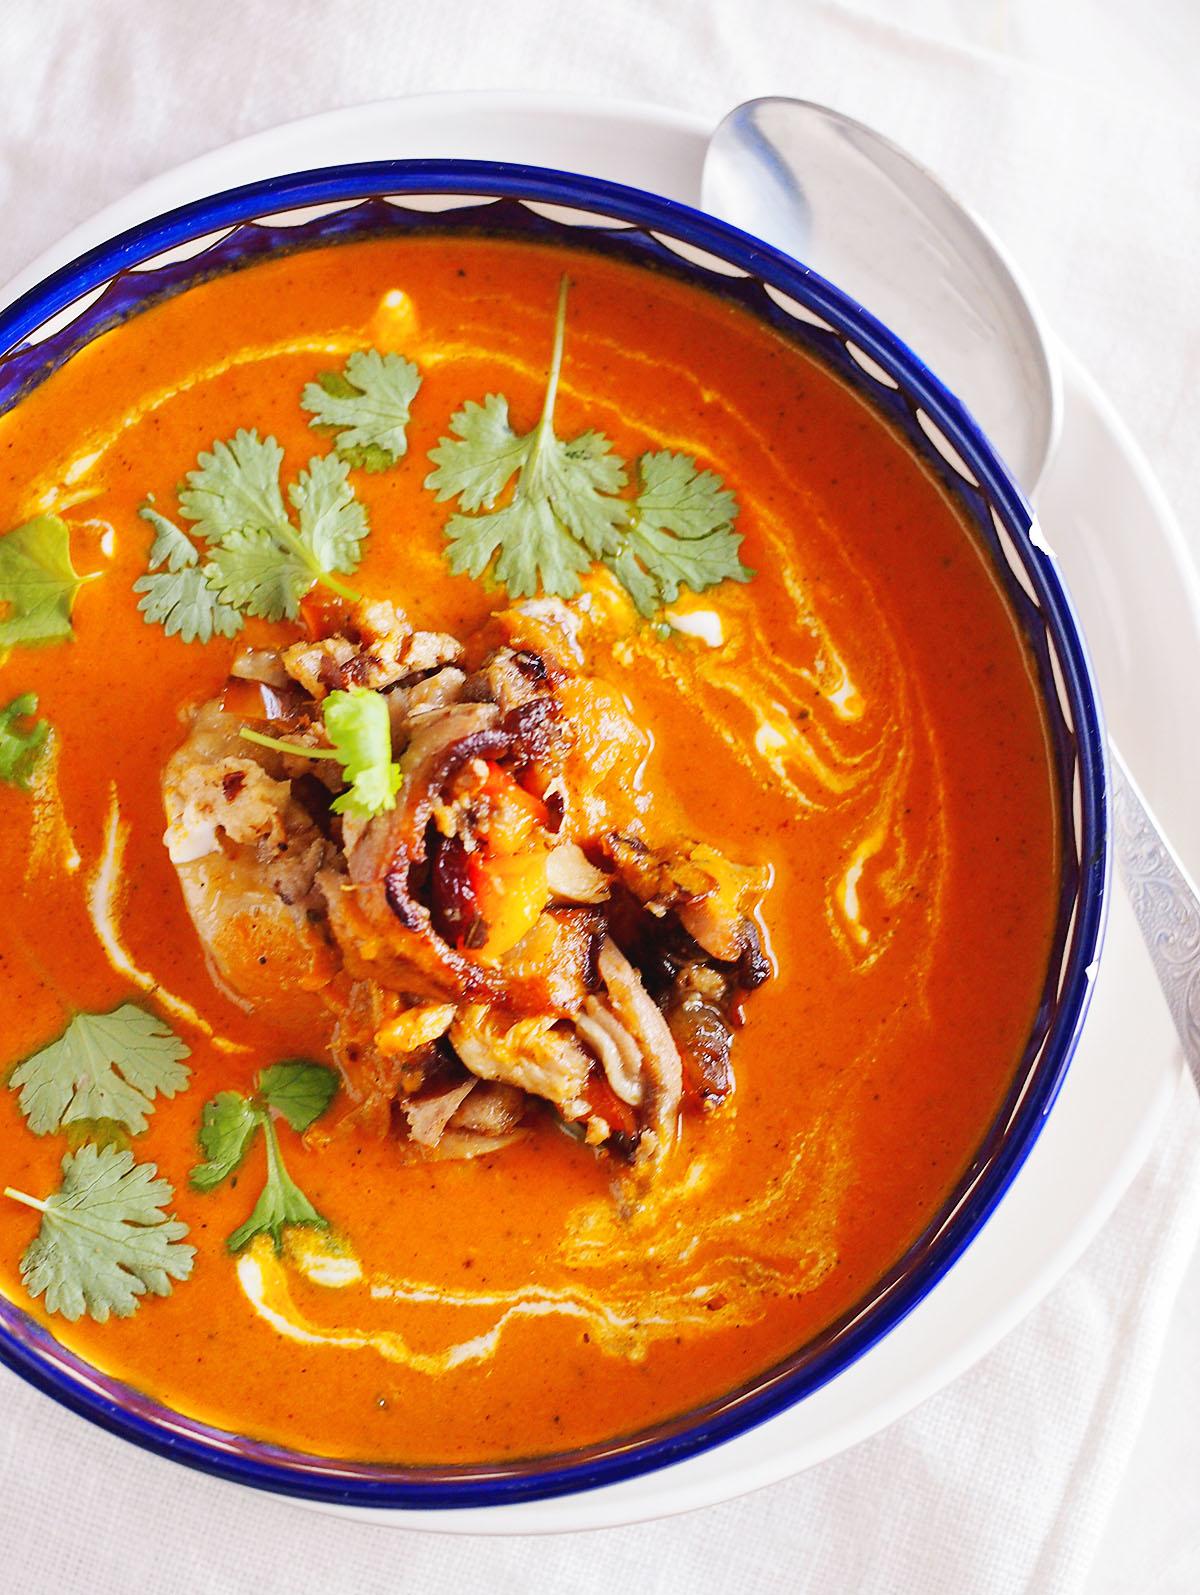 Zupa tikka masala / Tikka masala soupKarmelowy blog kulinarny